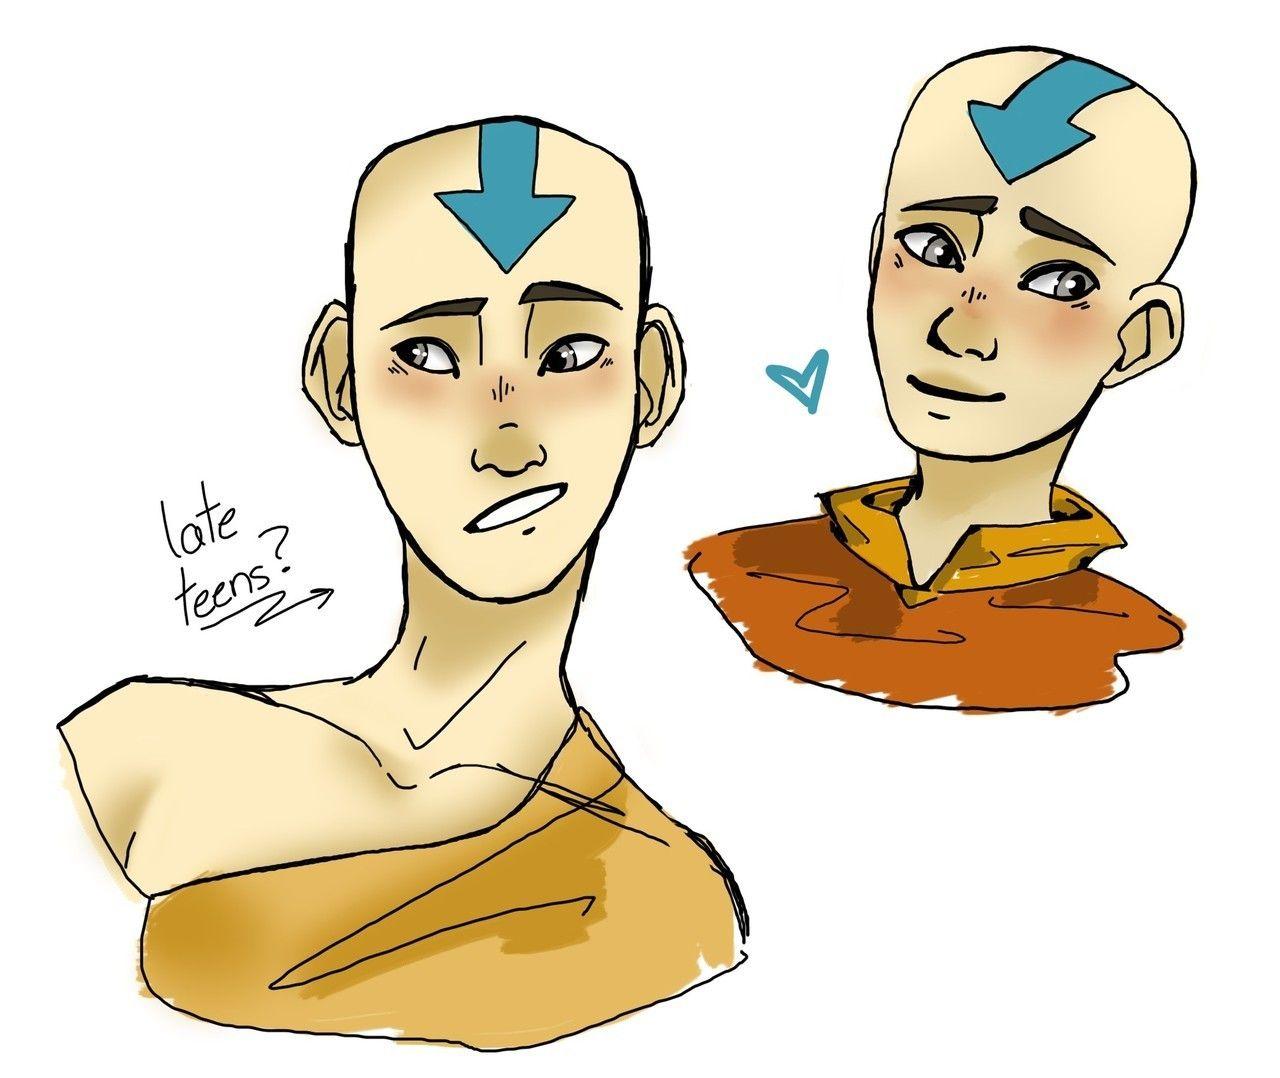 Aang in his Late Teens in 2020 Avatar the last airbender